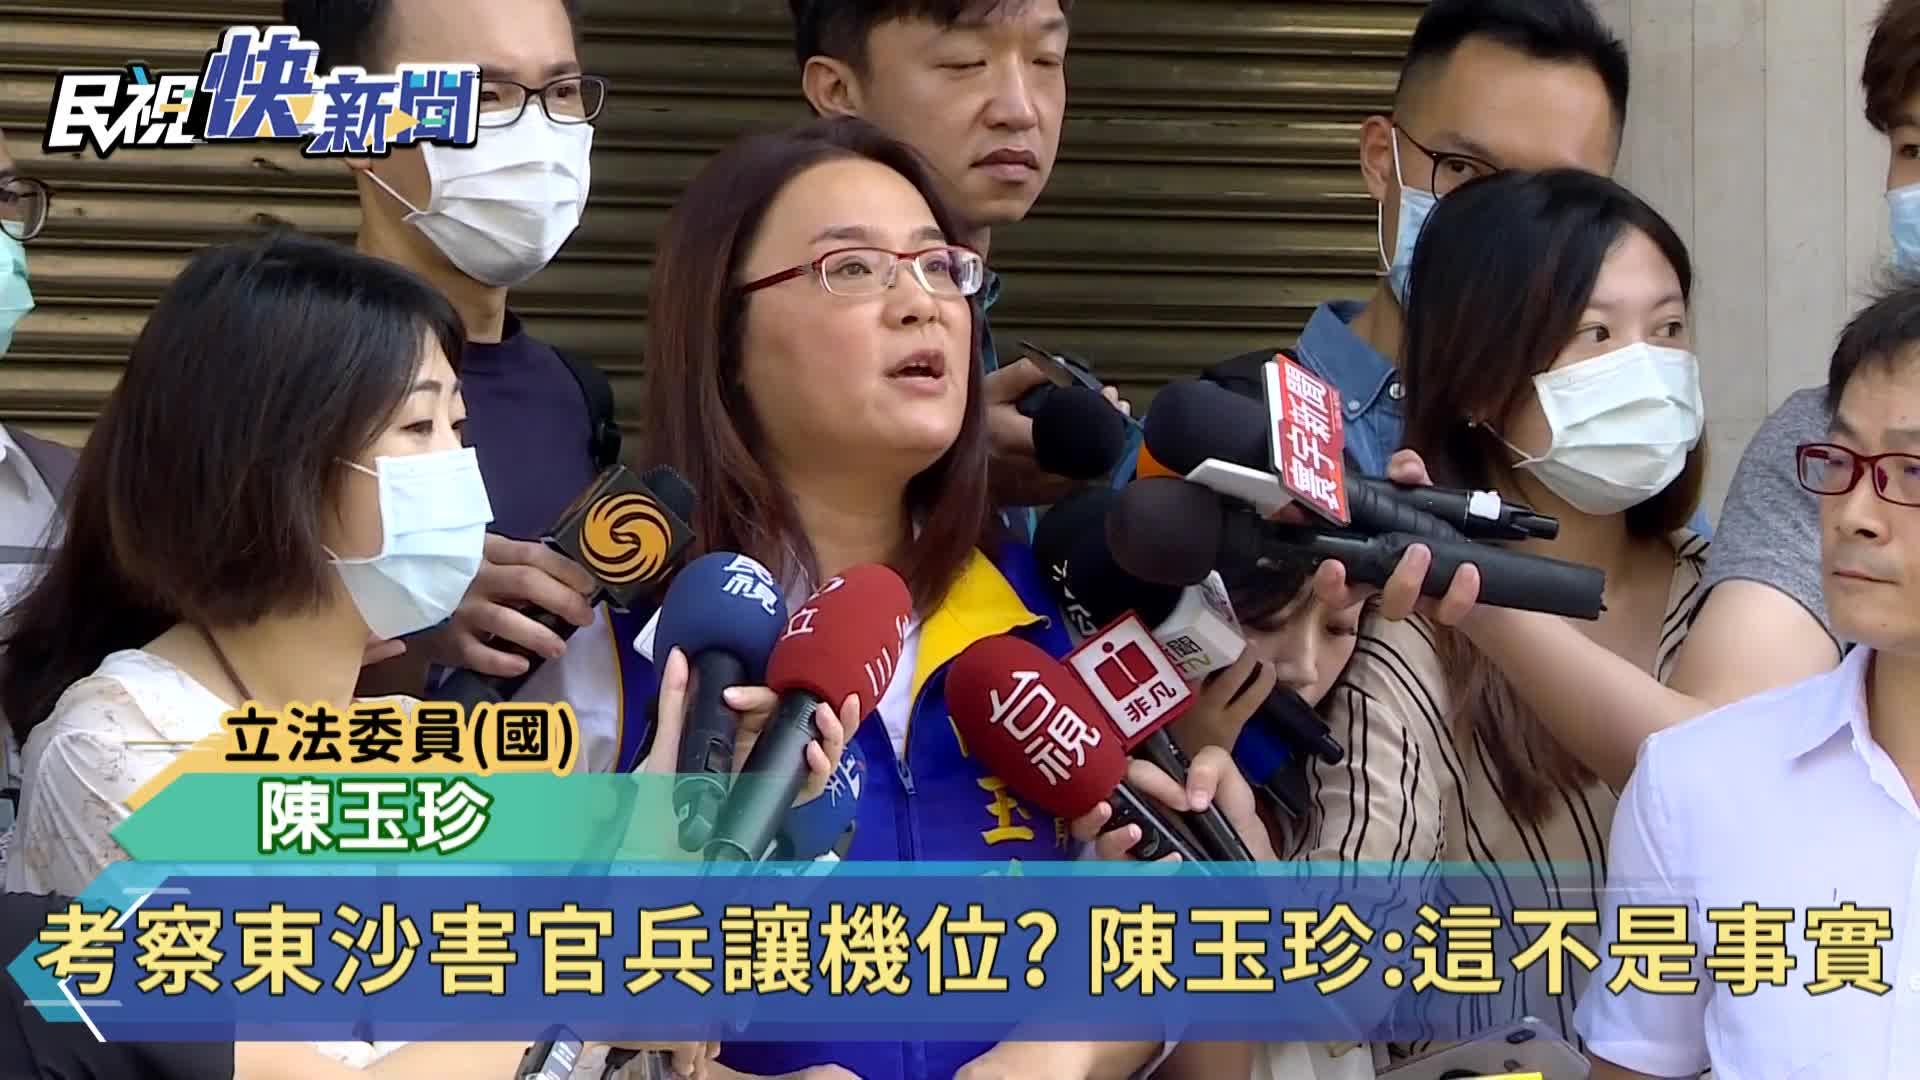 快新聞/陳玉珍嗆民進黨也曾去東沙考察 怒批「真的是雙標黨」